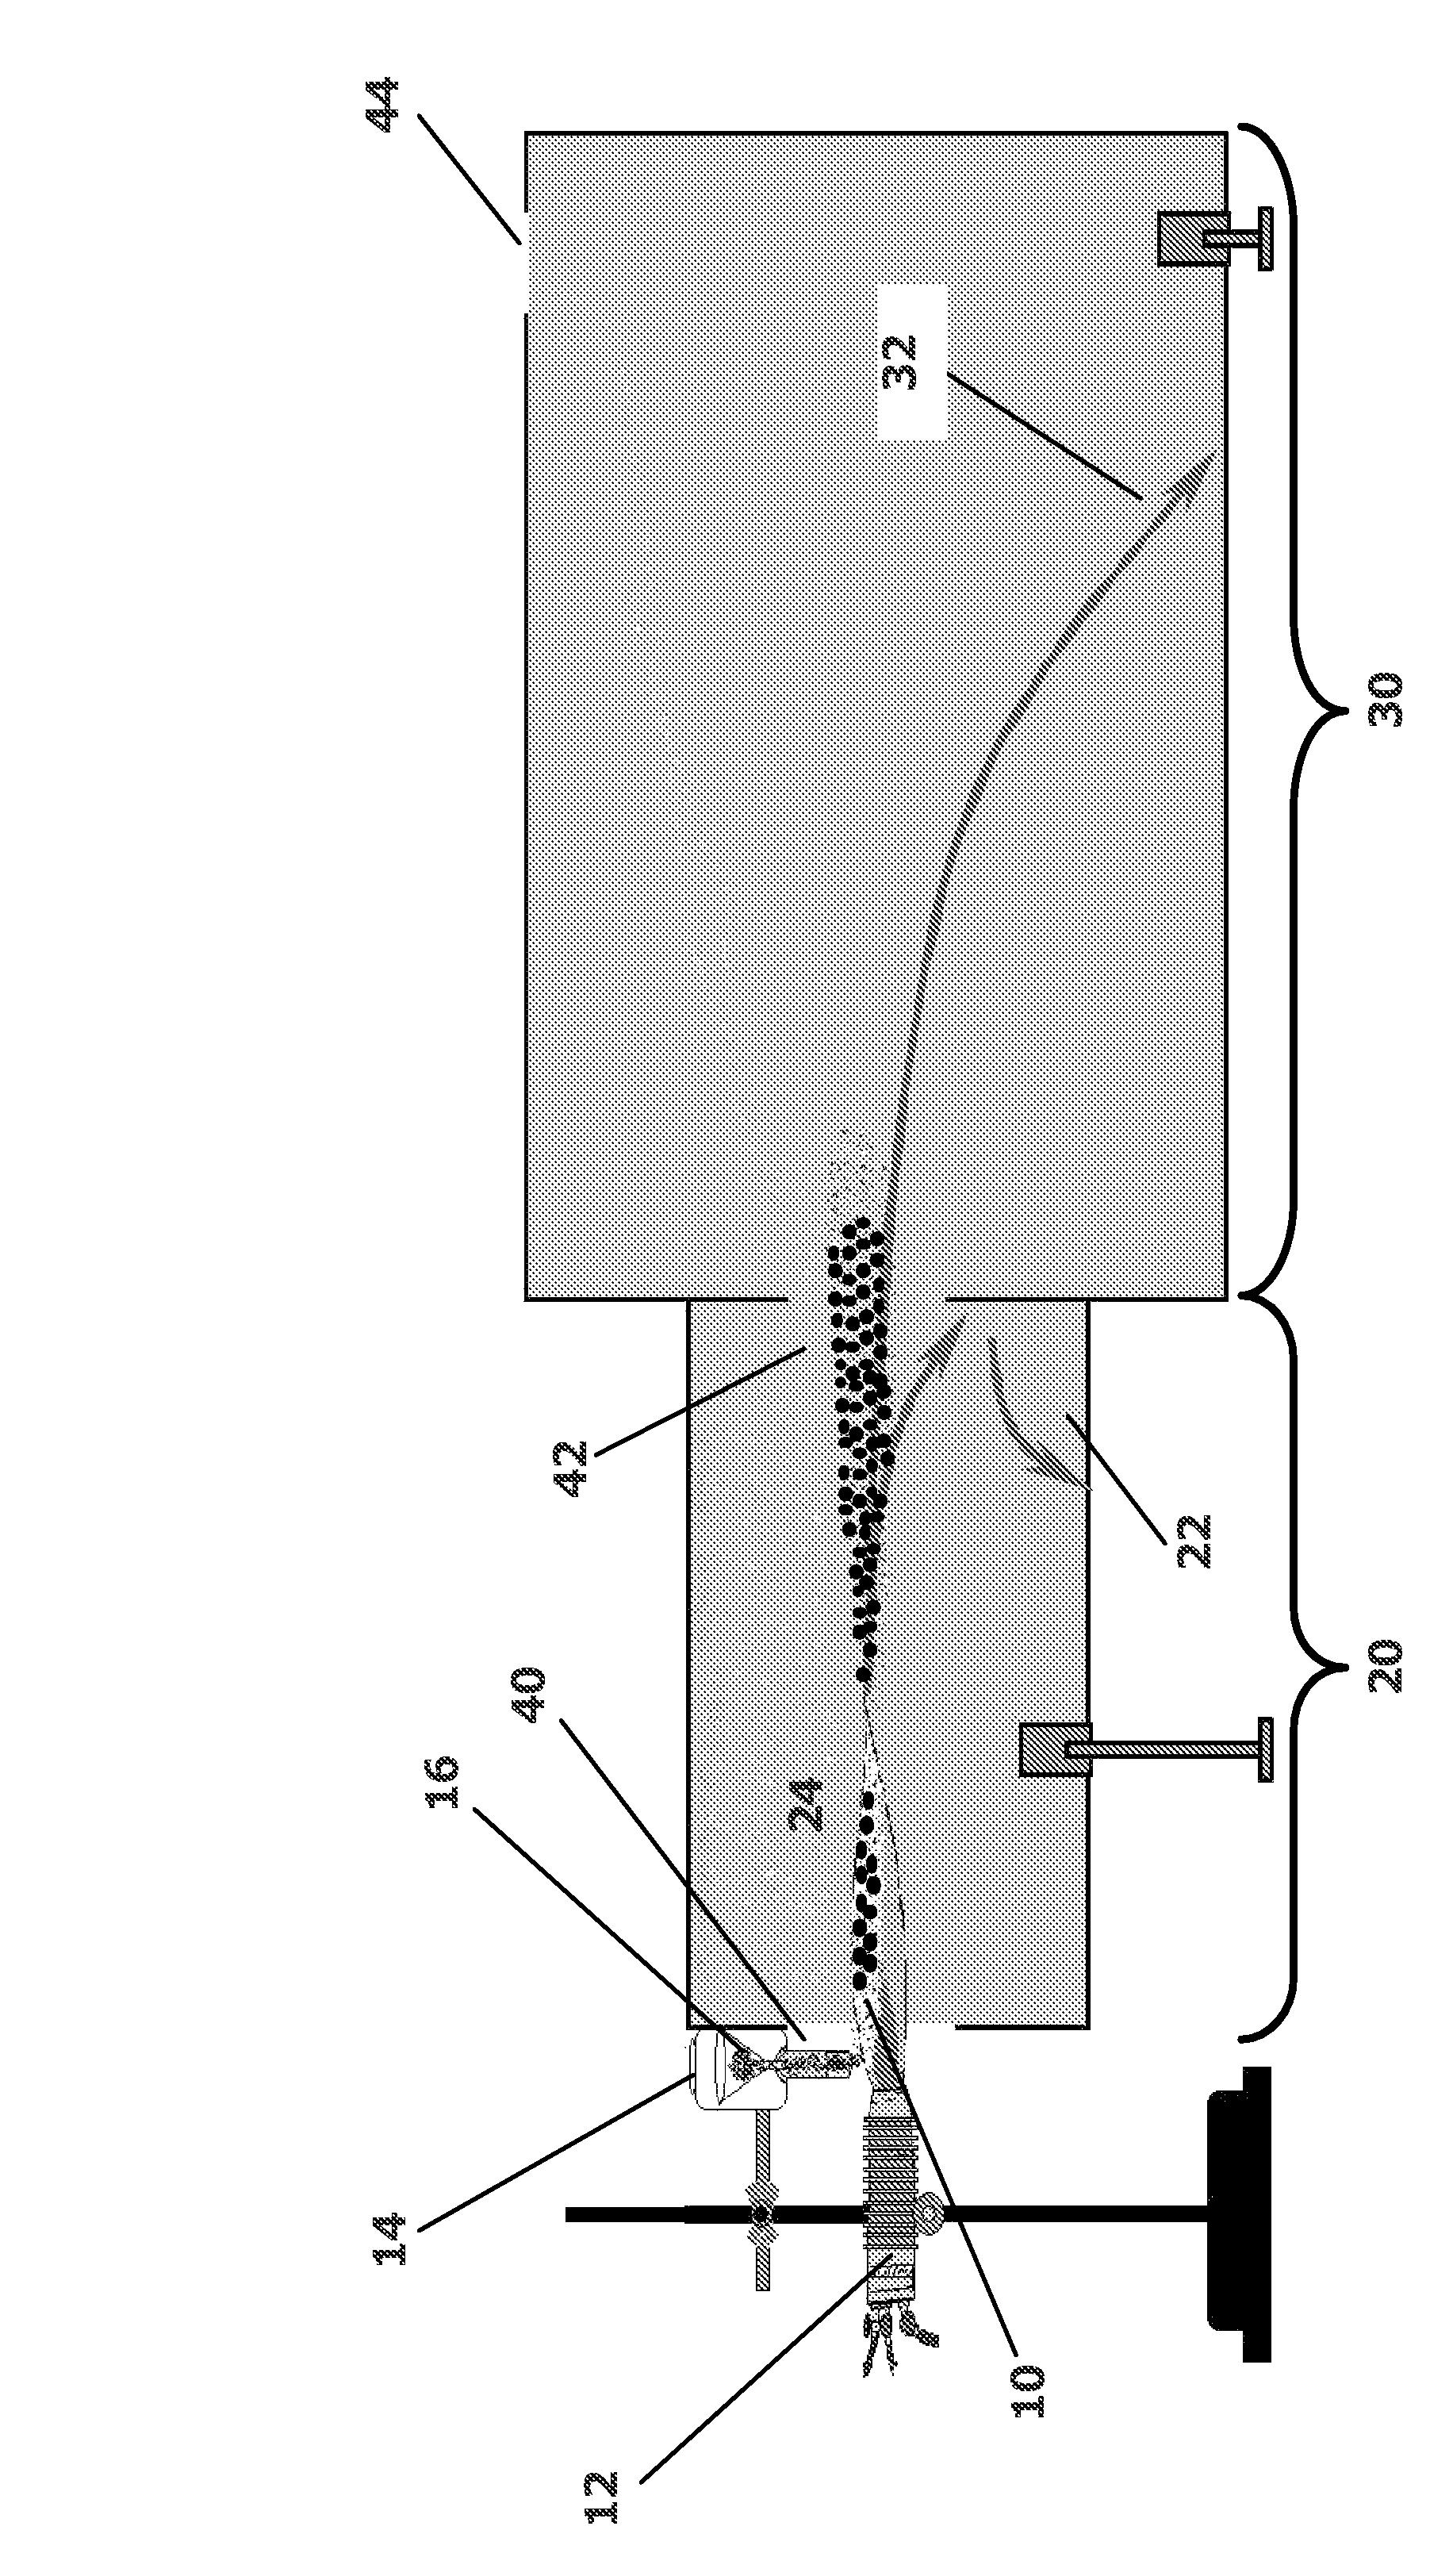 Patent US8291727 - Apparatus for manufacturing ceramic ...